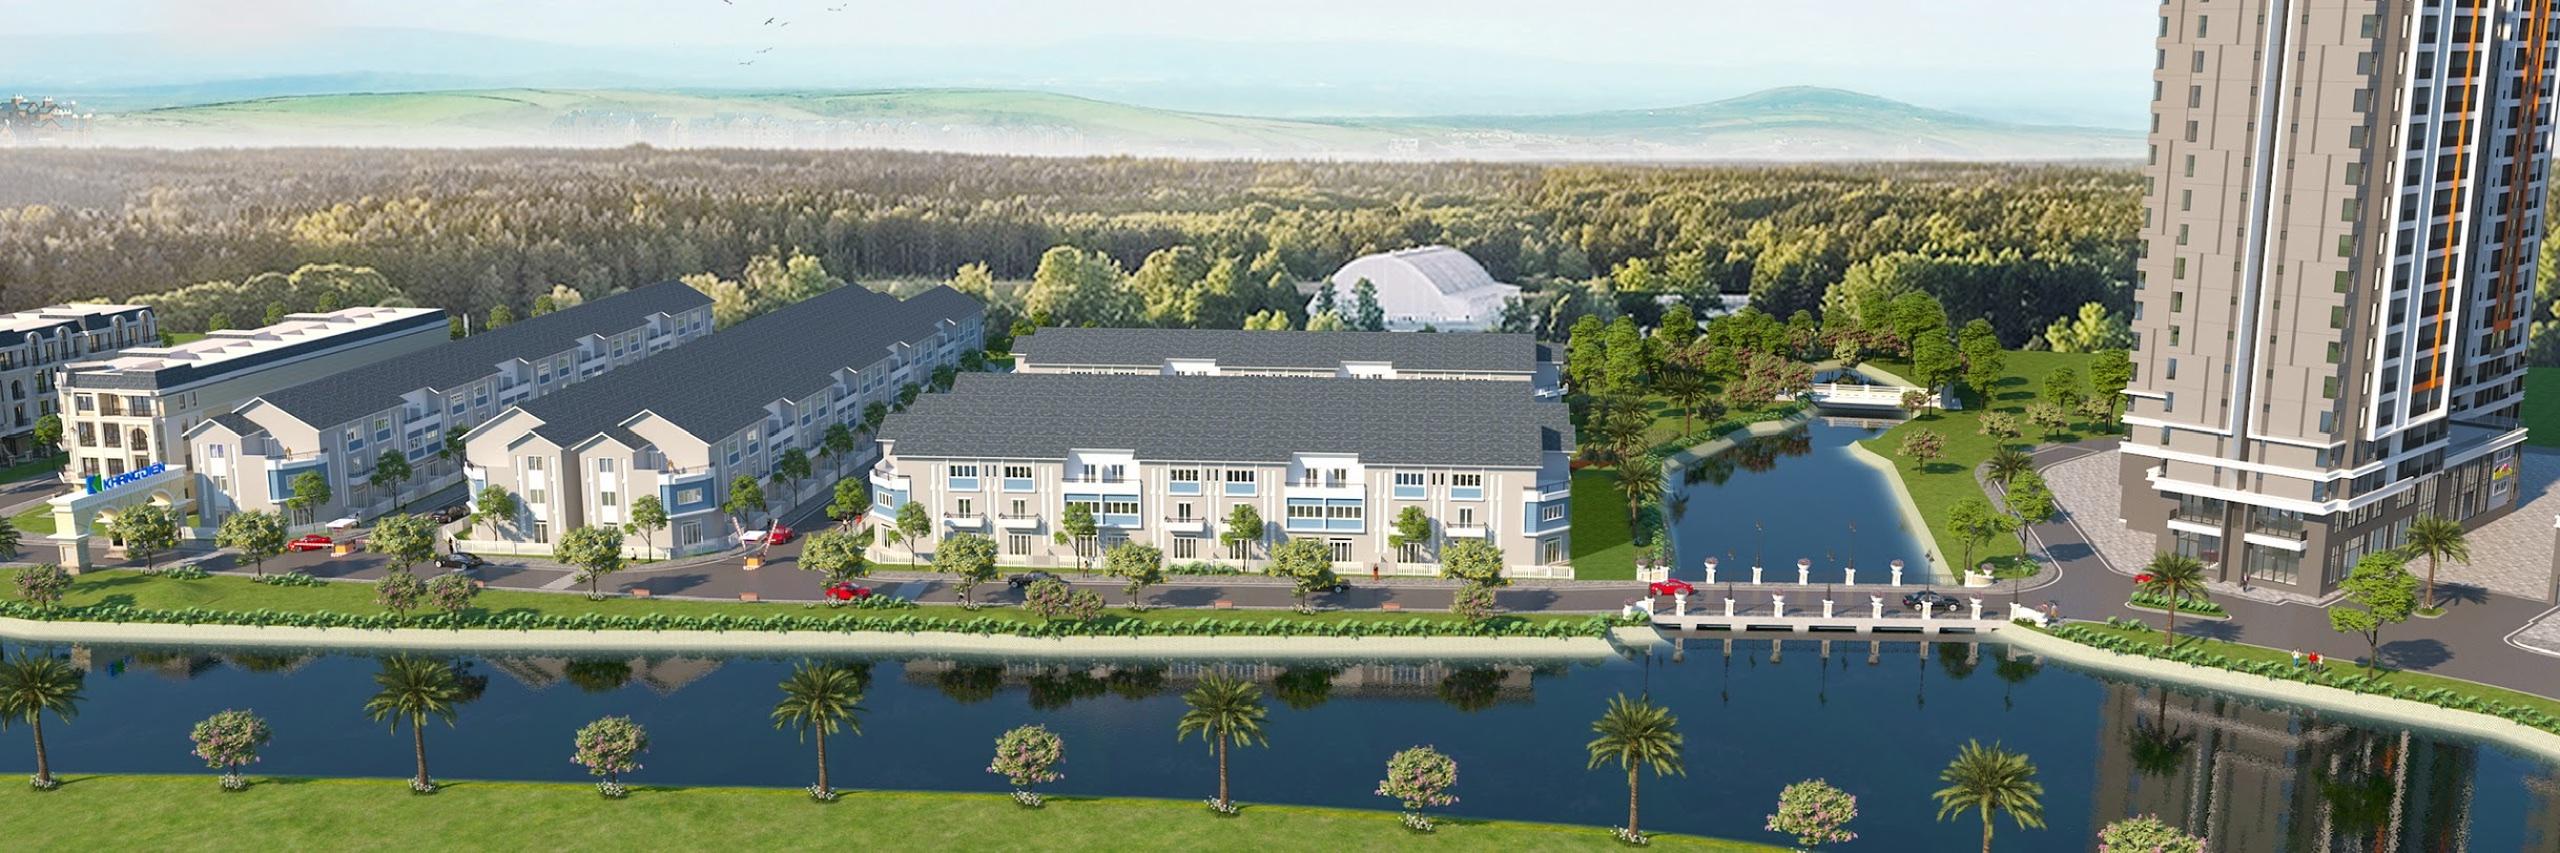 Dự án mới nhất sắp triển khai Armena Khang Điền Quận 9